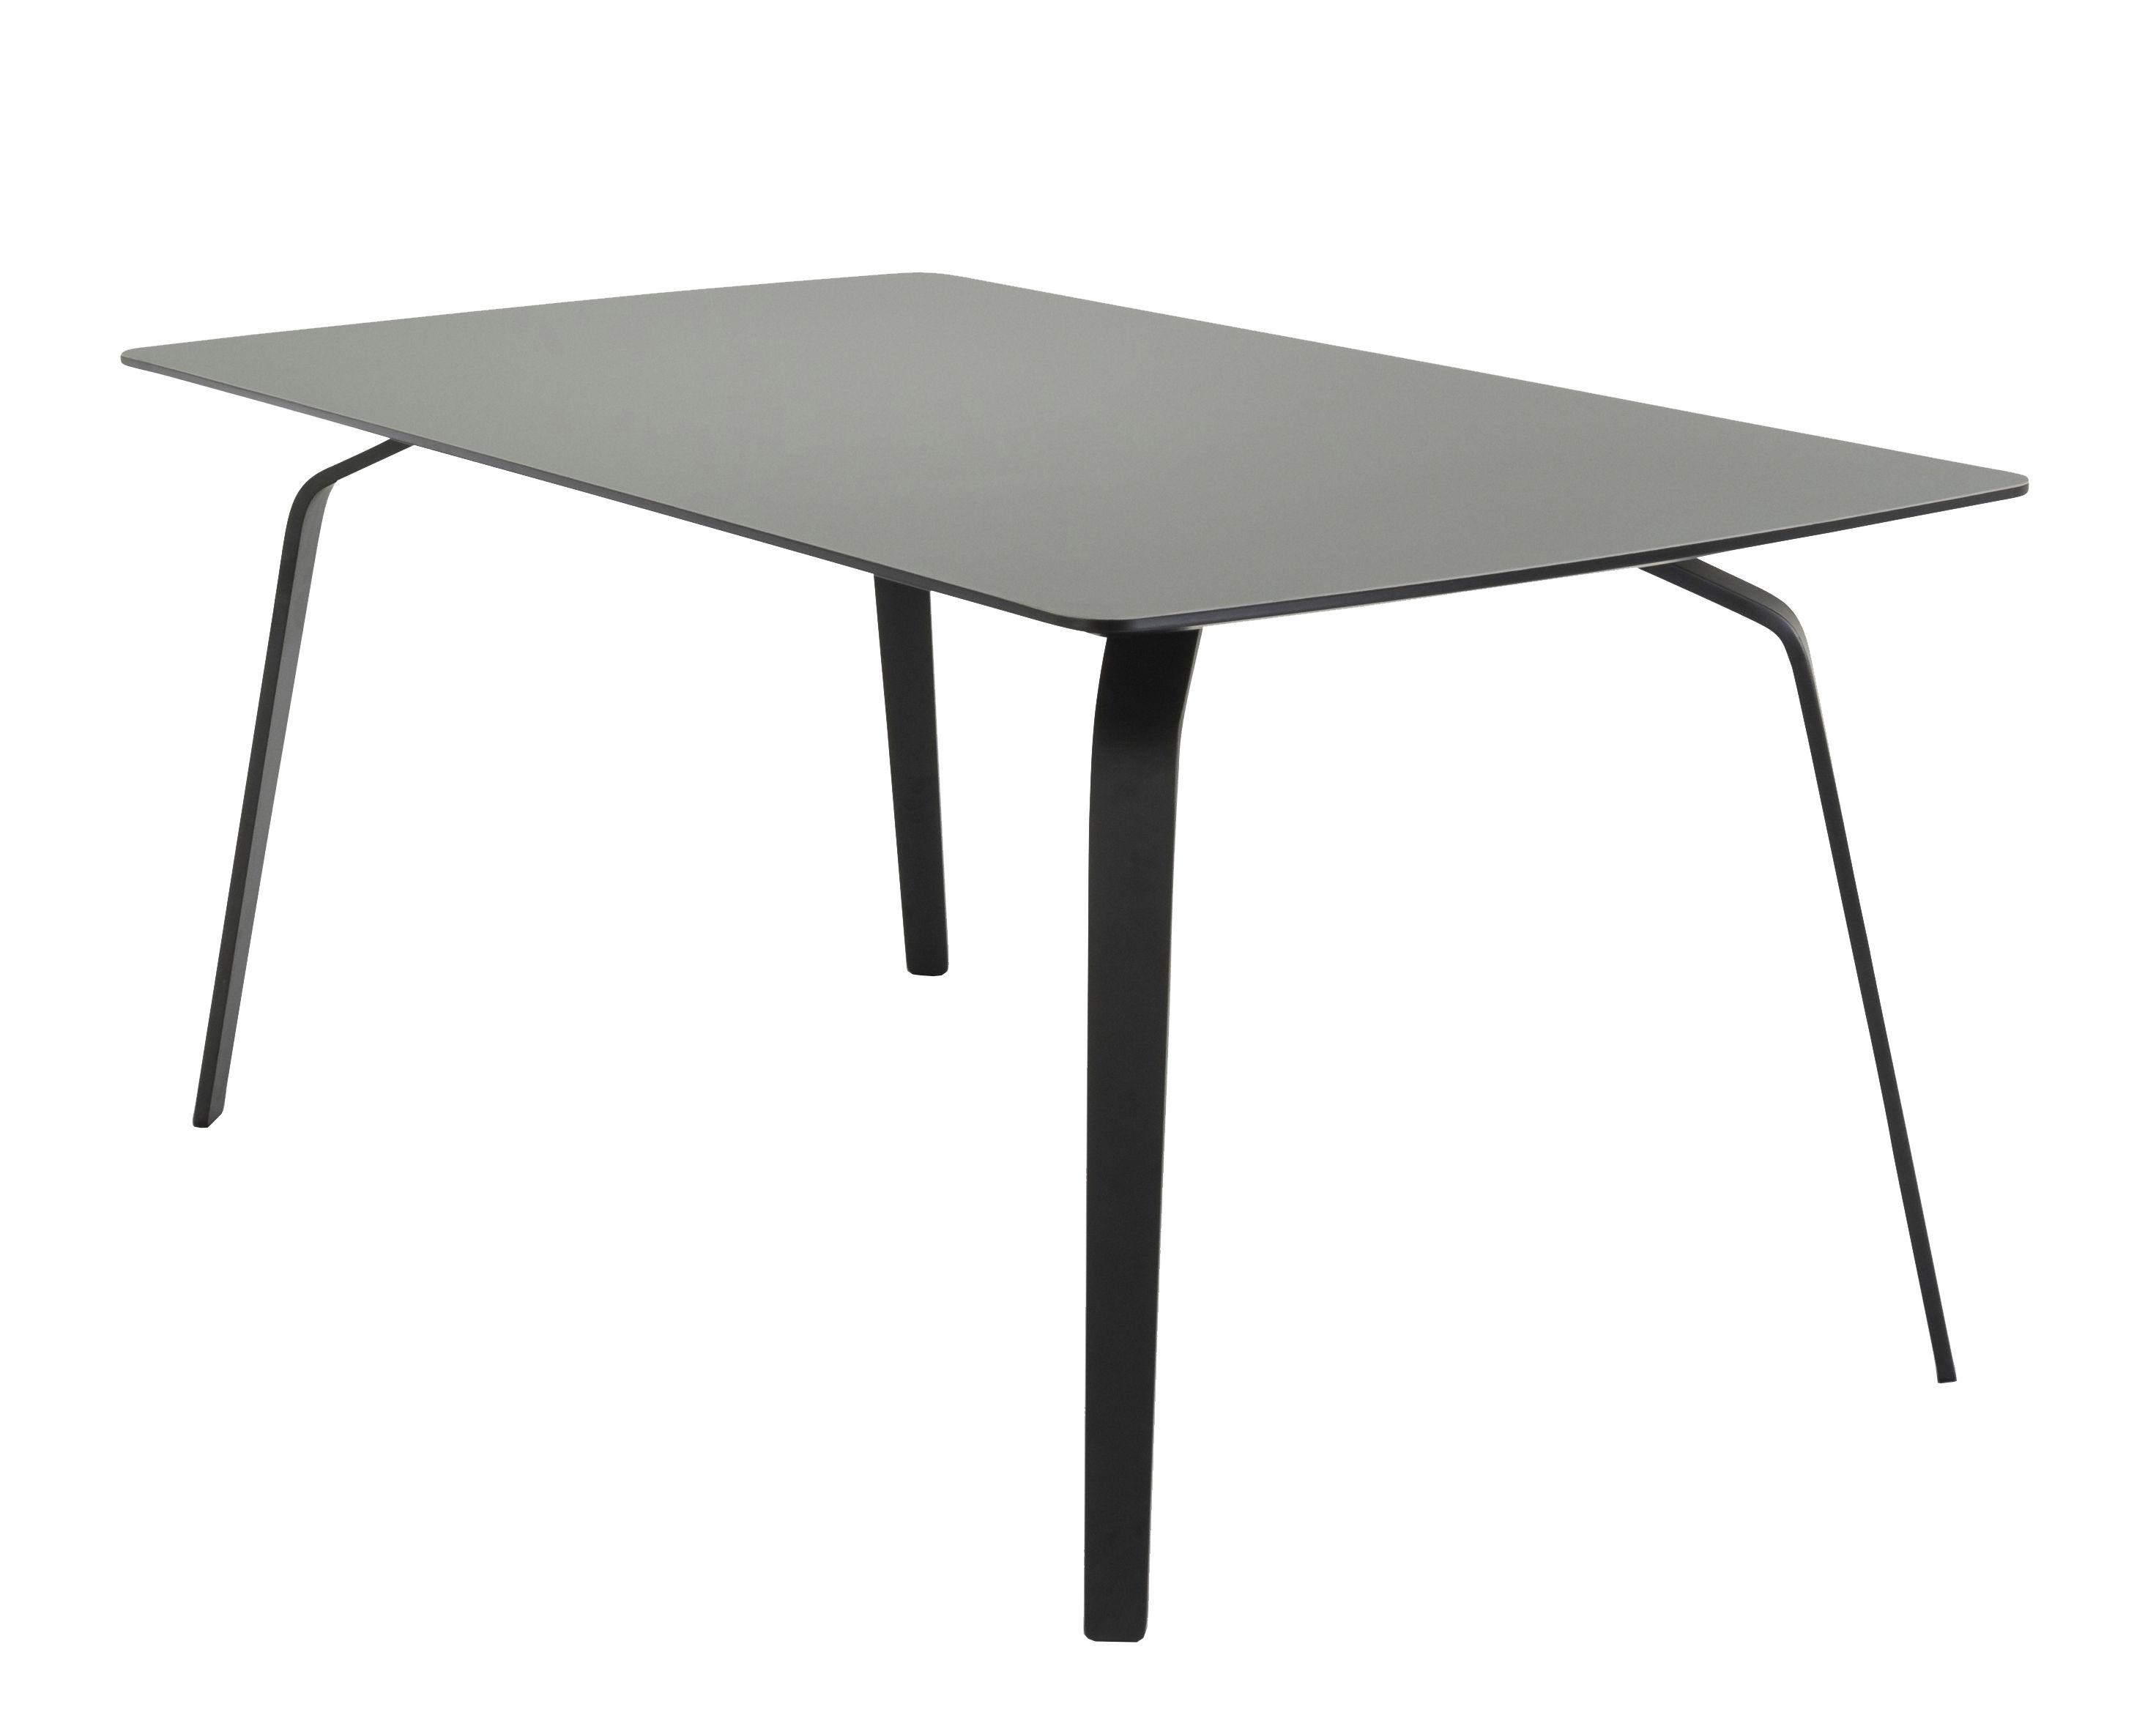 Mobilier - Tables - Table Float / Plateau linoleum - L 208 cm - Houe - Gris cendre / Piètement noir - Linoléum, Métal